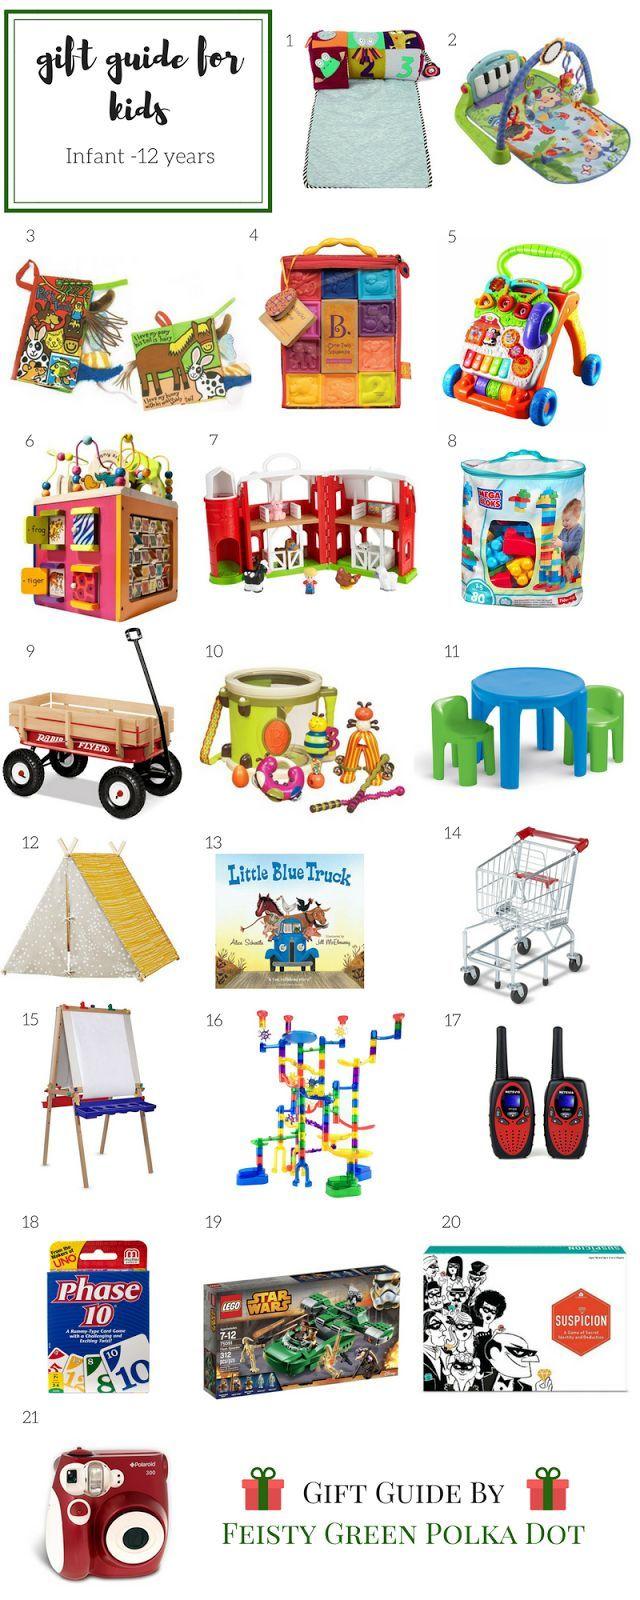 Gift Guide for Kids | Christmas Ideas | Pinterest | Kid check ...